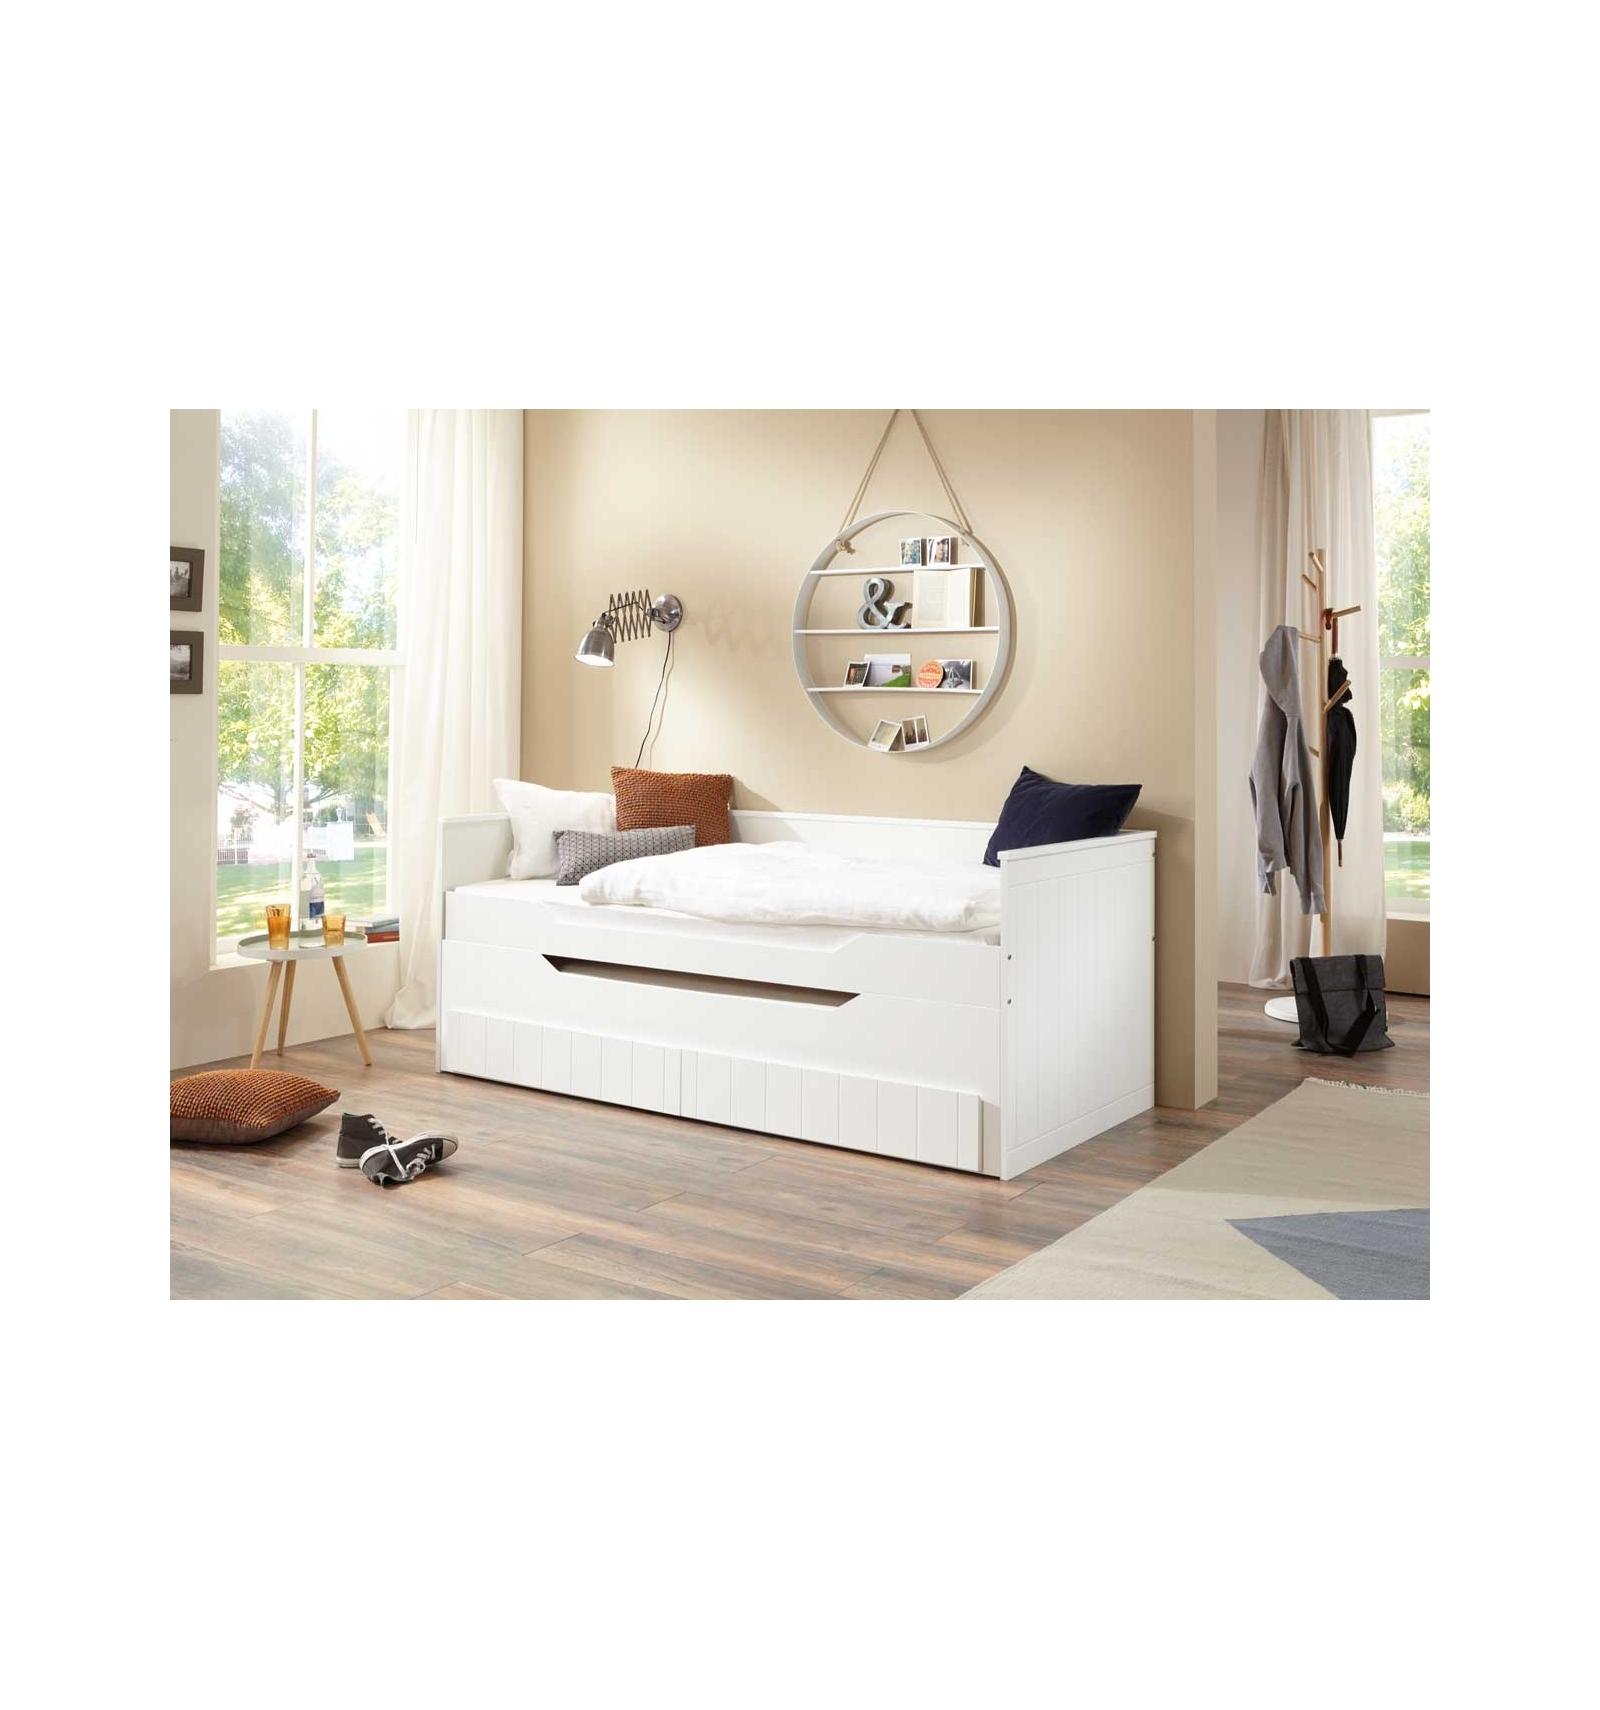 Kojen Bett mit Schubladen